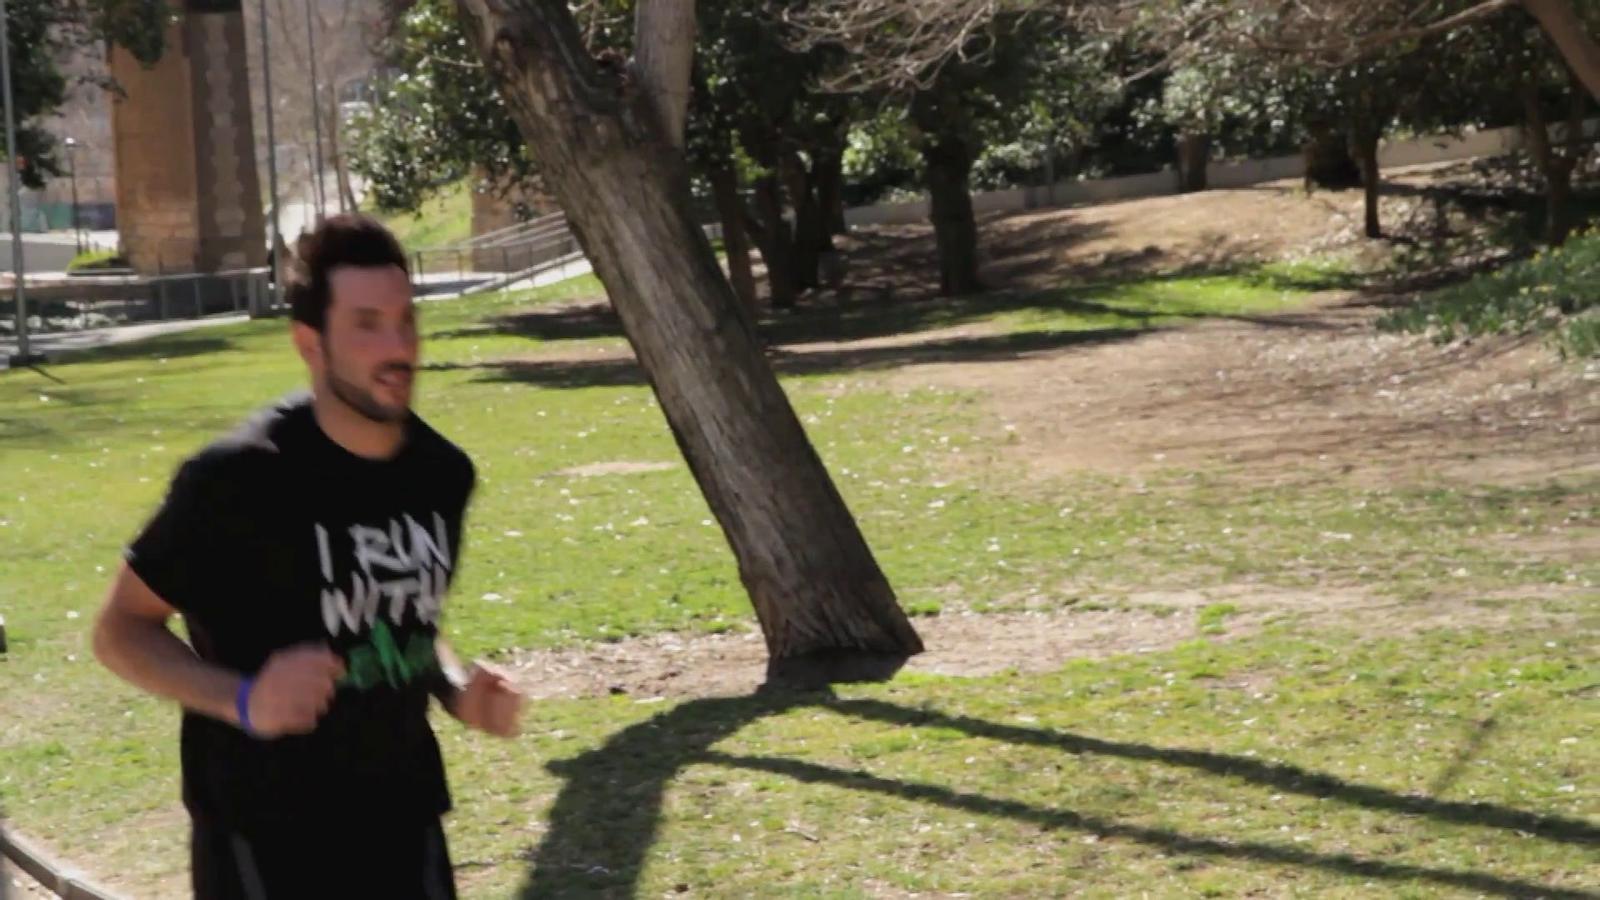 'I run with Leiva'